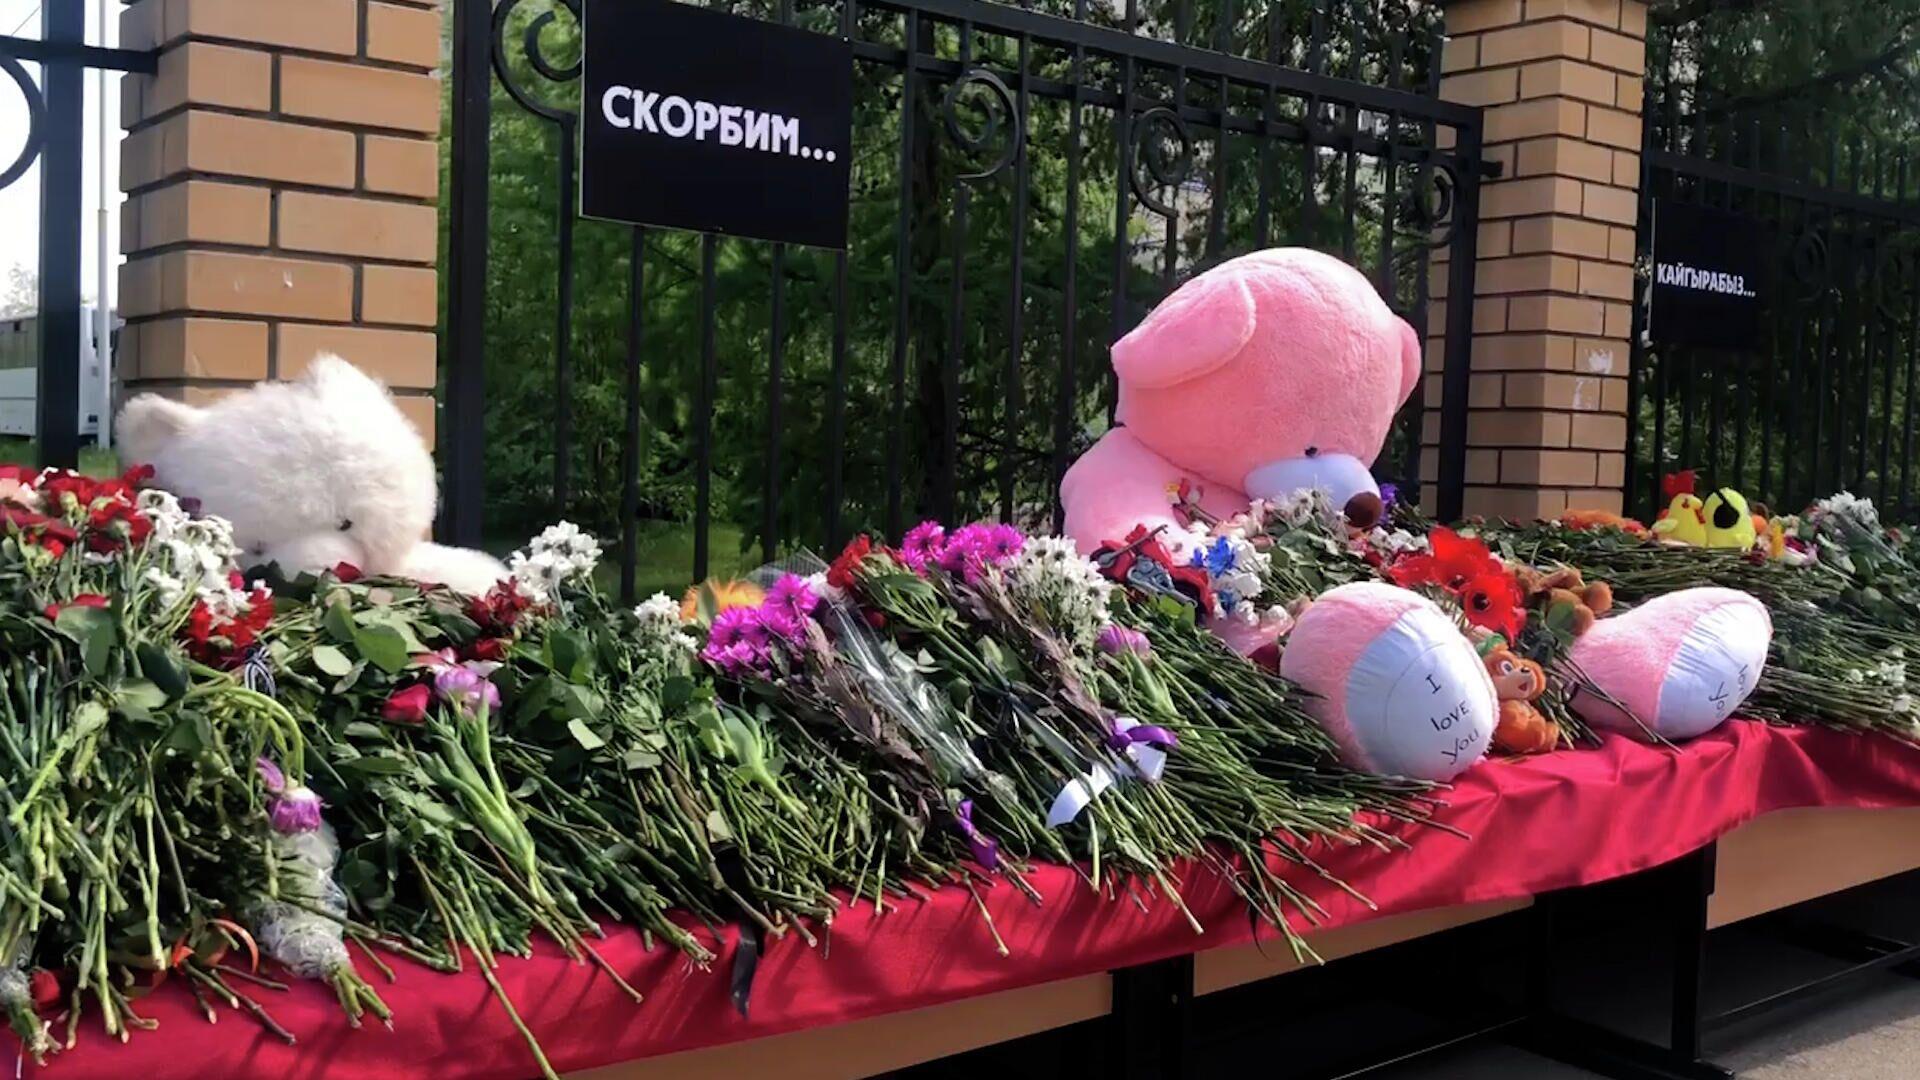 Жители Казани третий день несут цветы к 175-й гимназии - РИА Новости, 1920, 13.05.2021